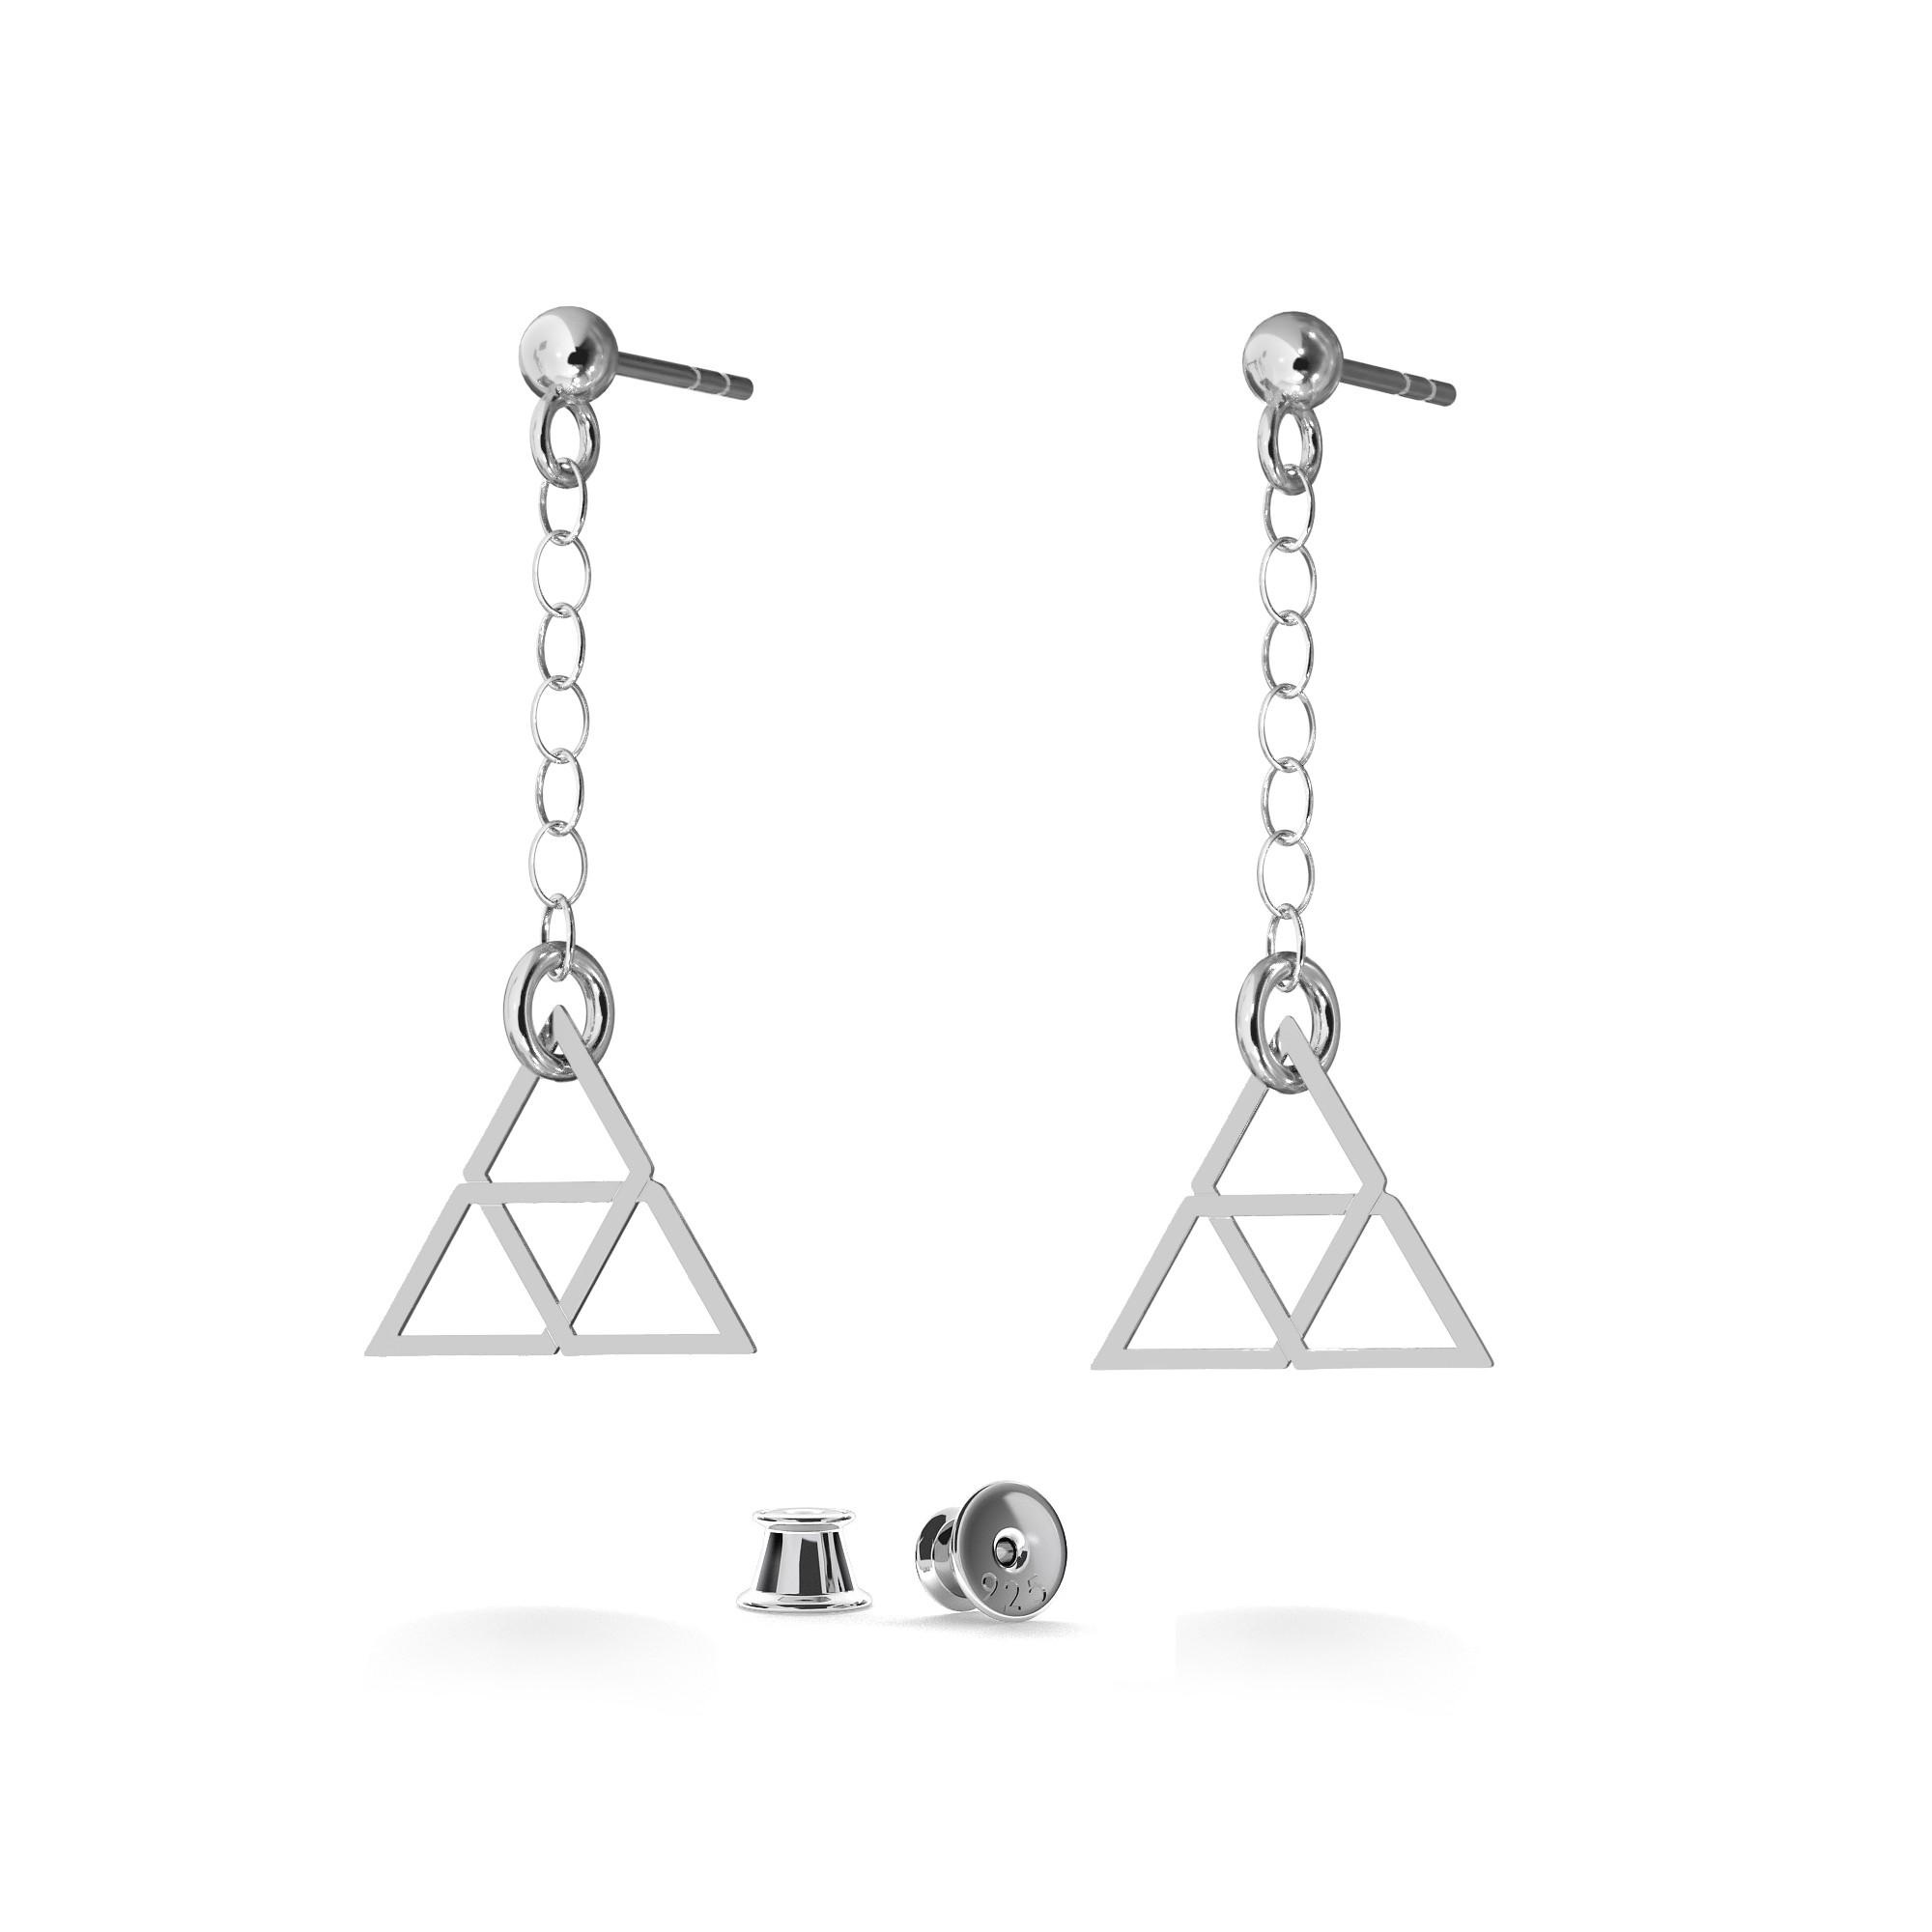 Wiszace kolczyki trójkąty srebro 925, Nikki Lund